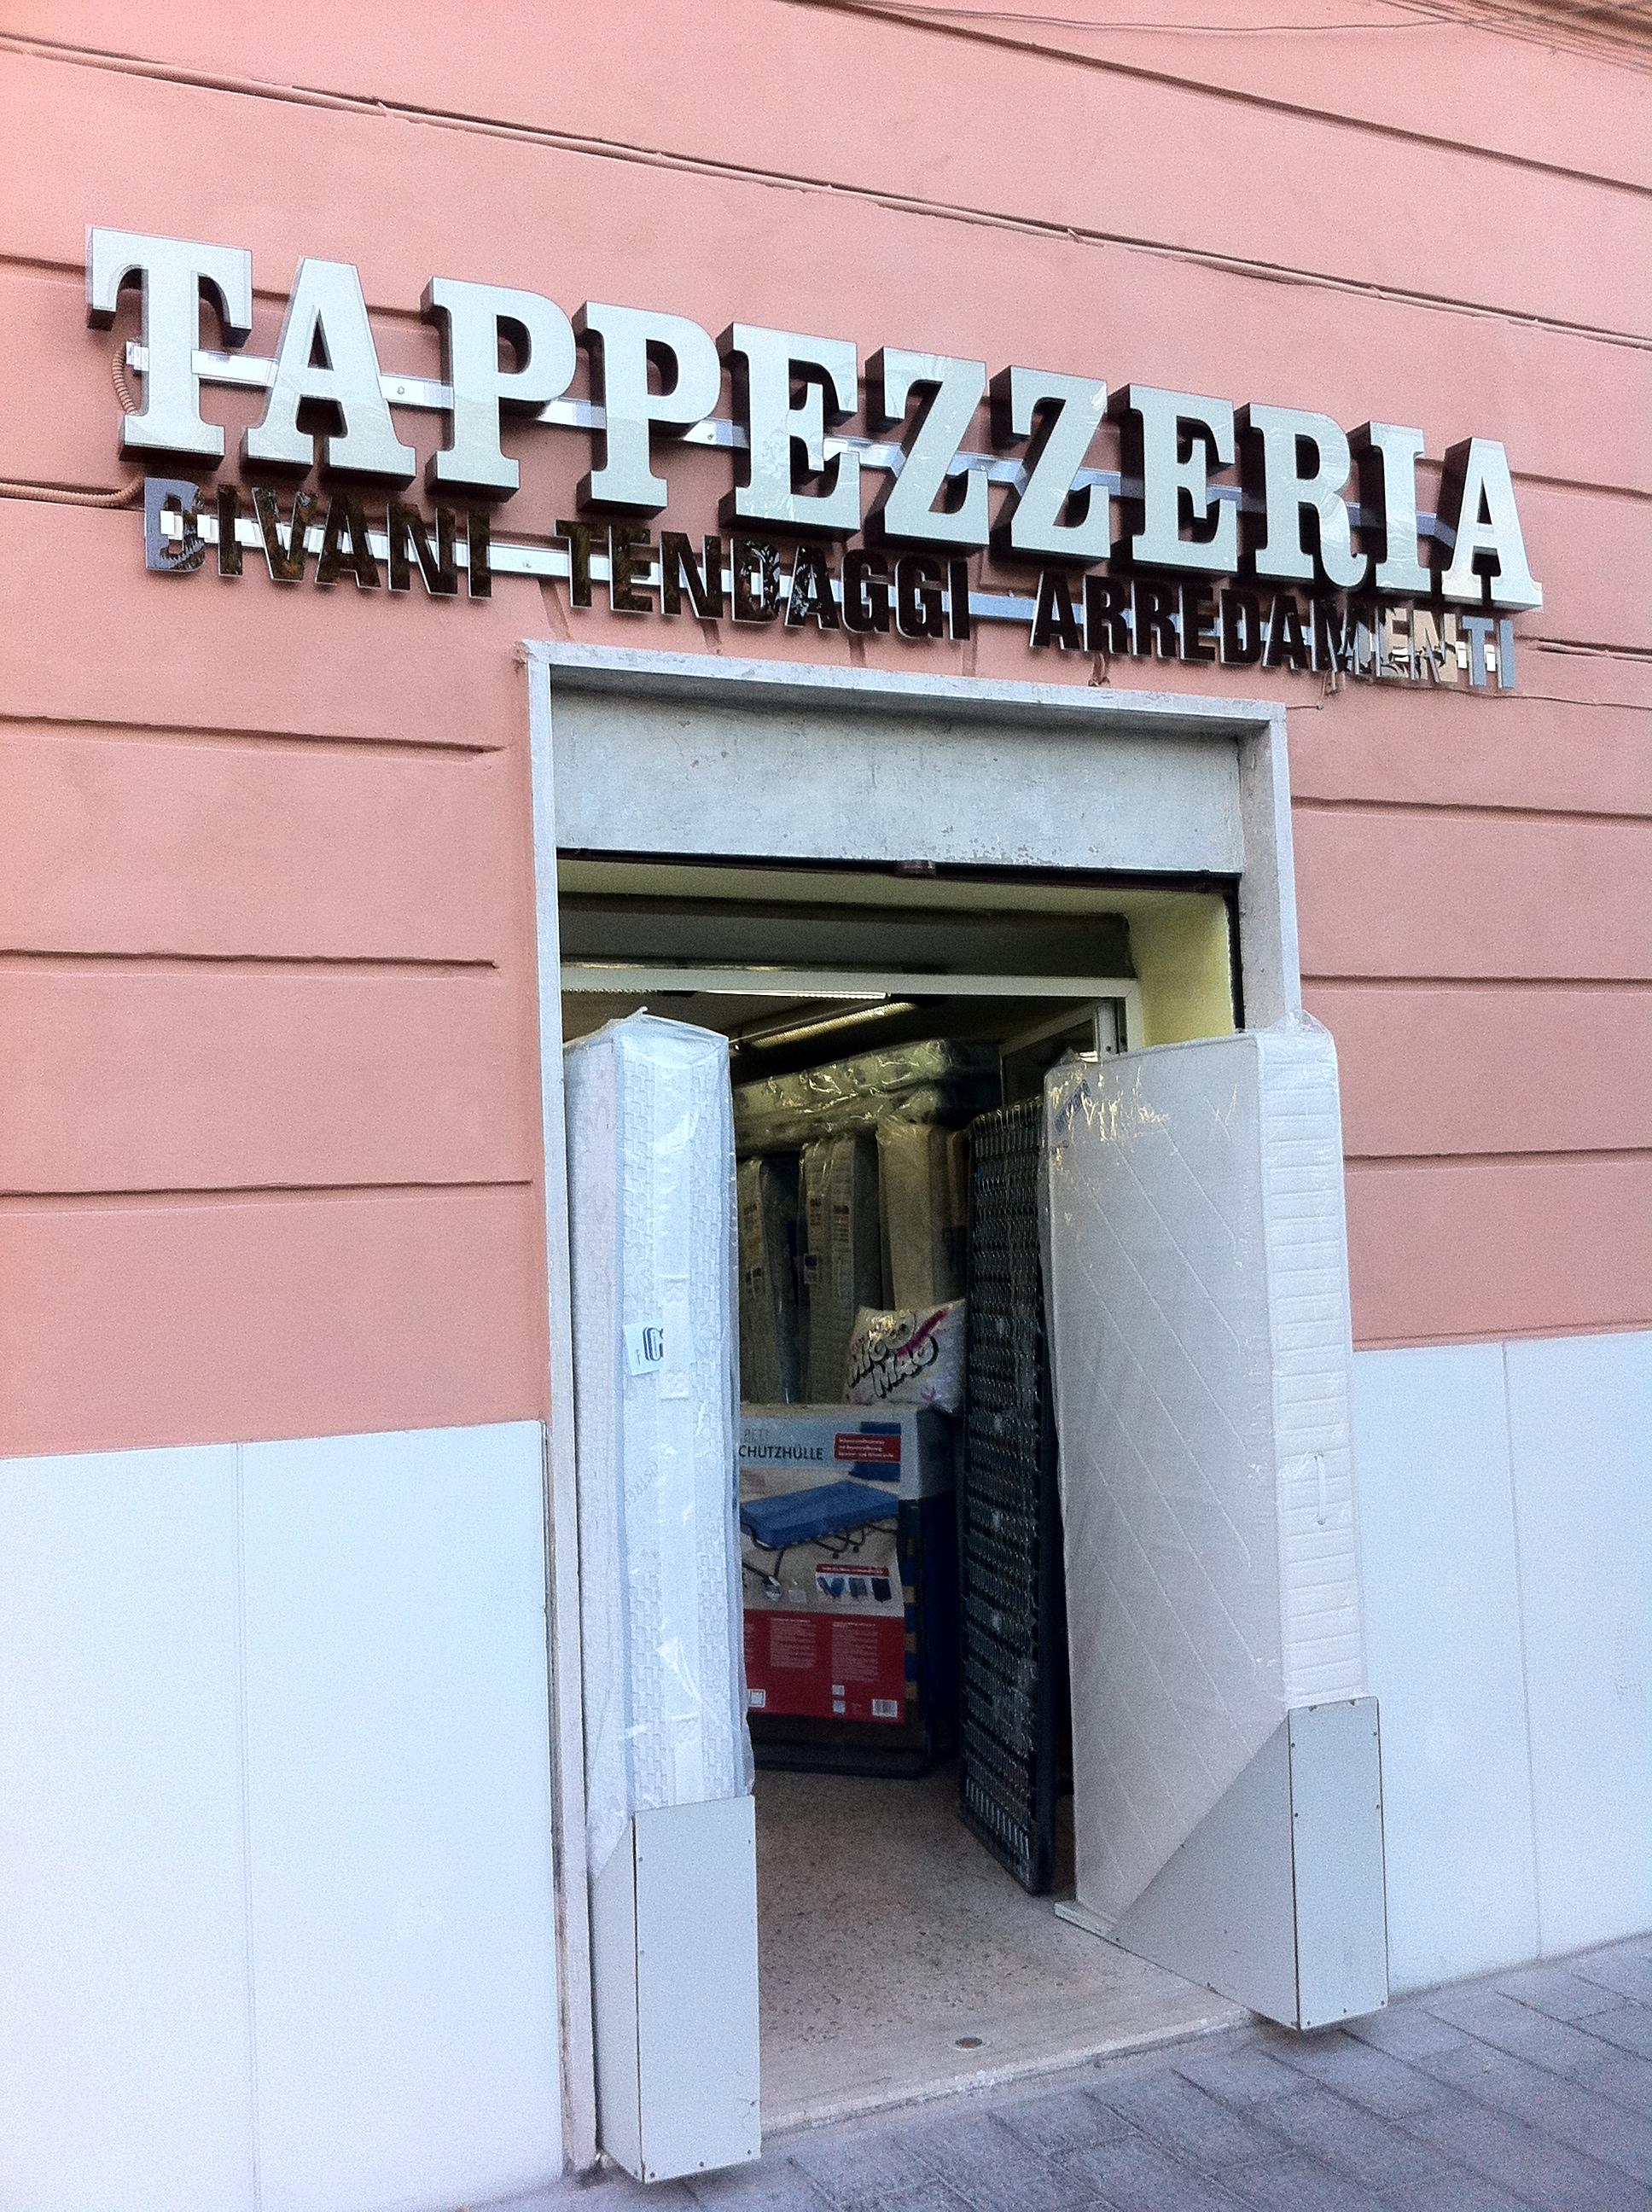 tappezzeriagloria.it favicon